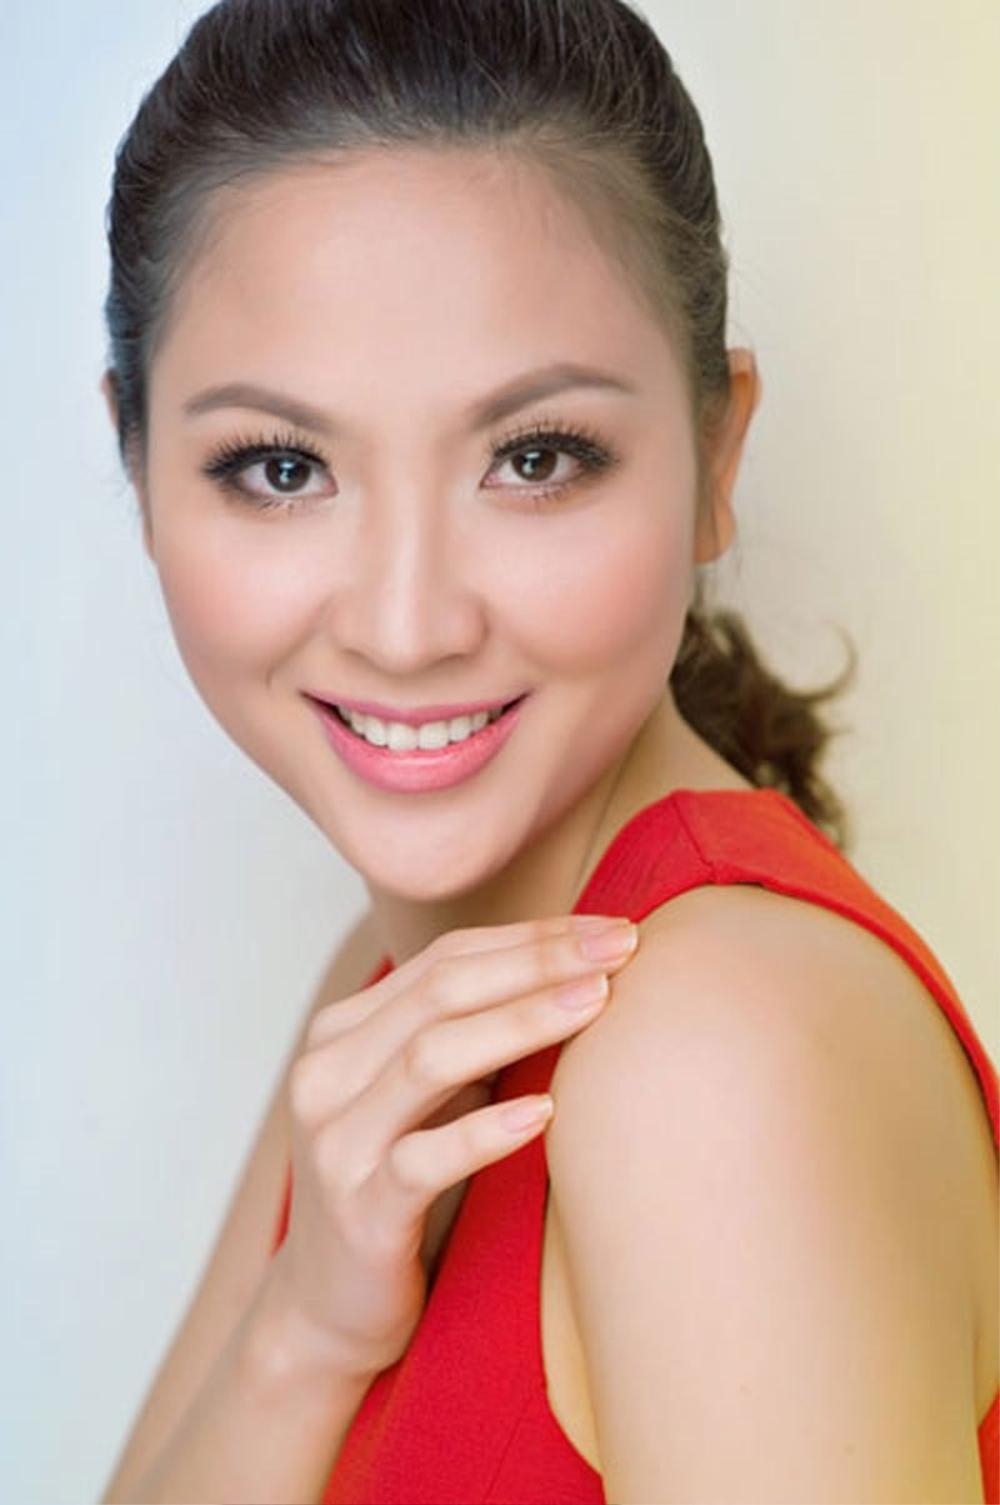 5 mỹ nhân khước từ cơ hội thi Miss Universe: Thanh Hằng gây tiếc nuối, Diễm Trang sợ thiếu thời gian Ảnh 14